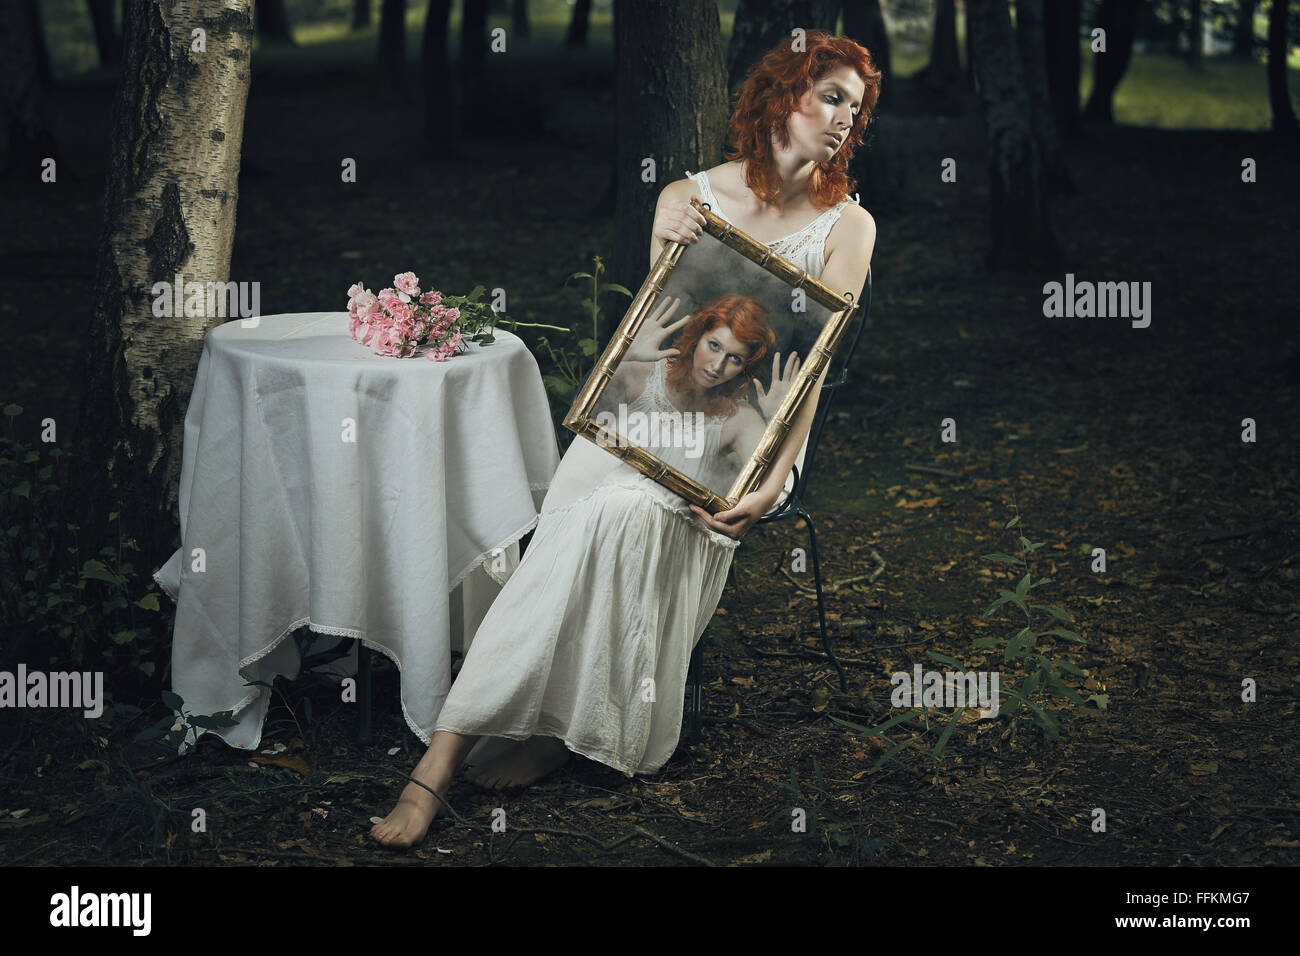 Seele einer Frau gefangen in einem Spiegel in einem seltsamen Wald. Dunkel und surreal Stockbild